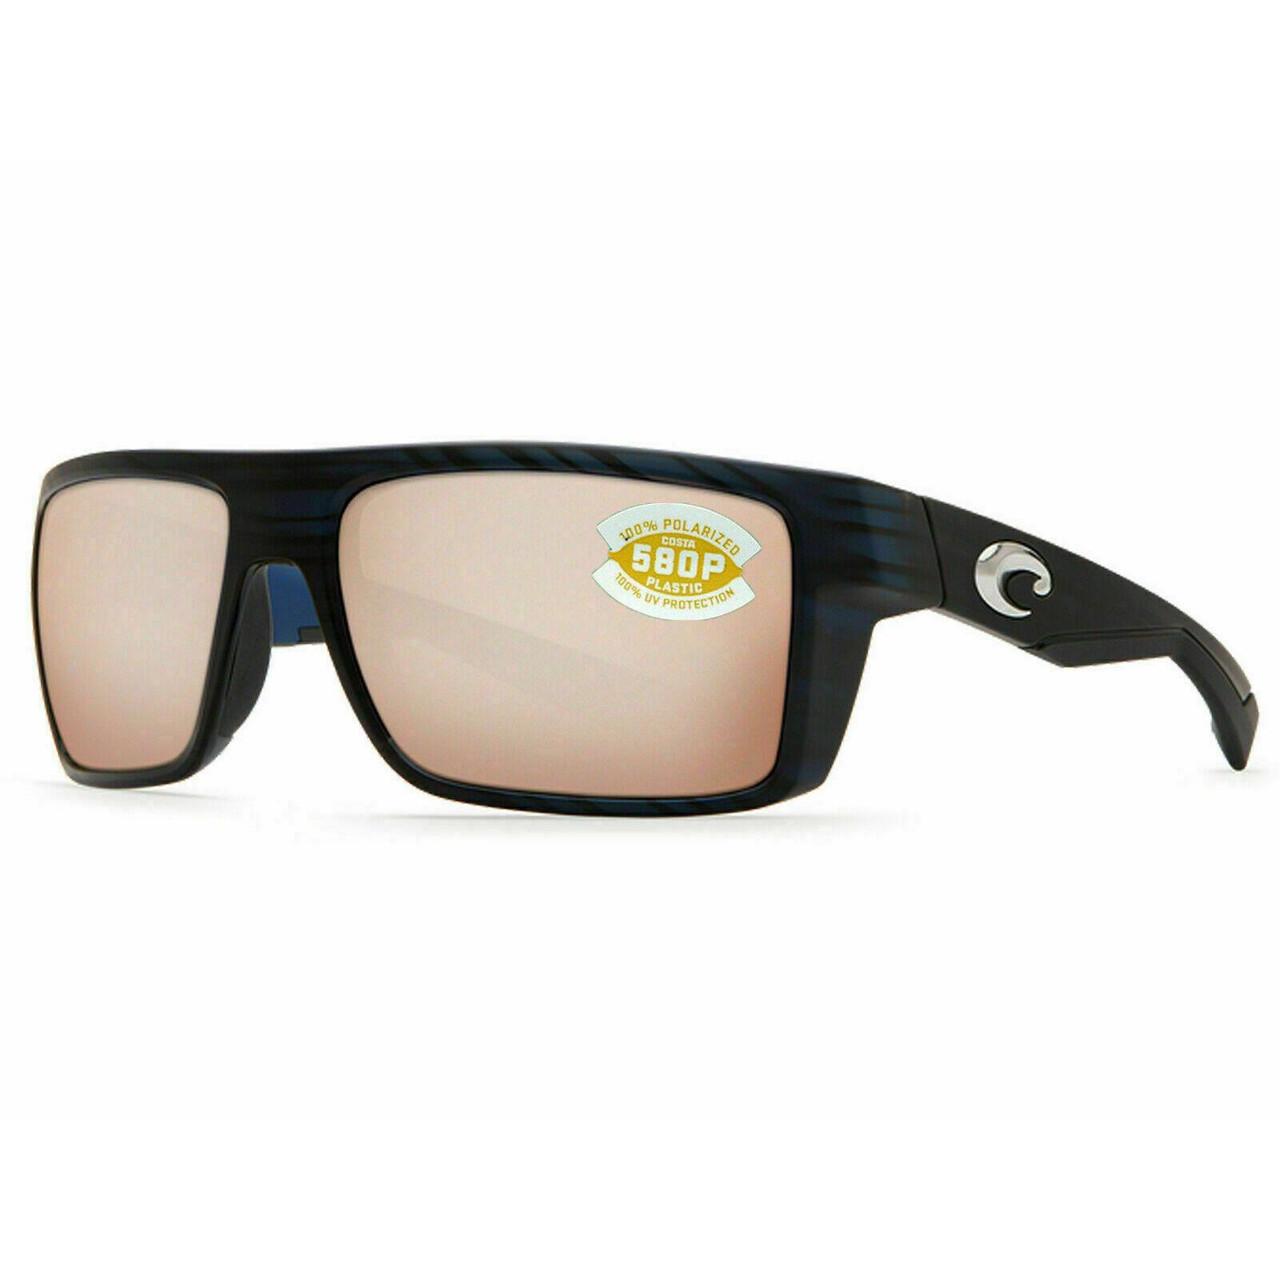 Costa Del Mar Motu Polarize Sunglasses Black Teak Blue/Copper Silver Mirror 580P